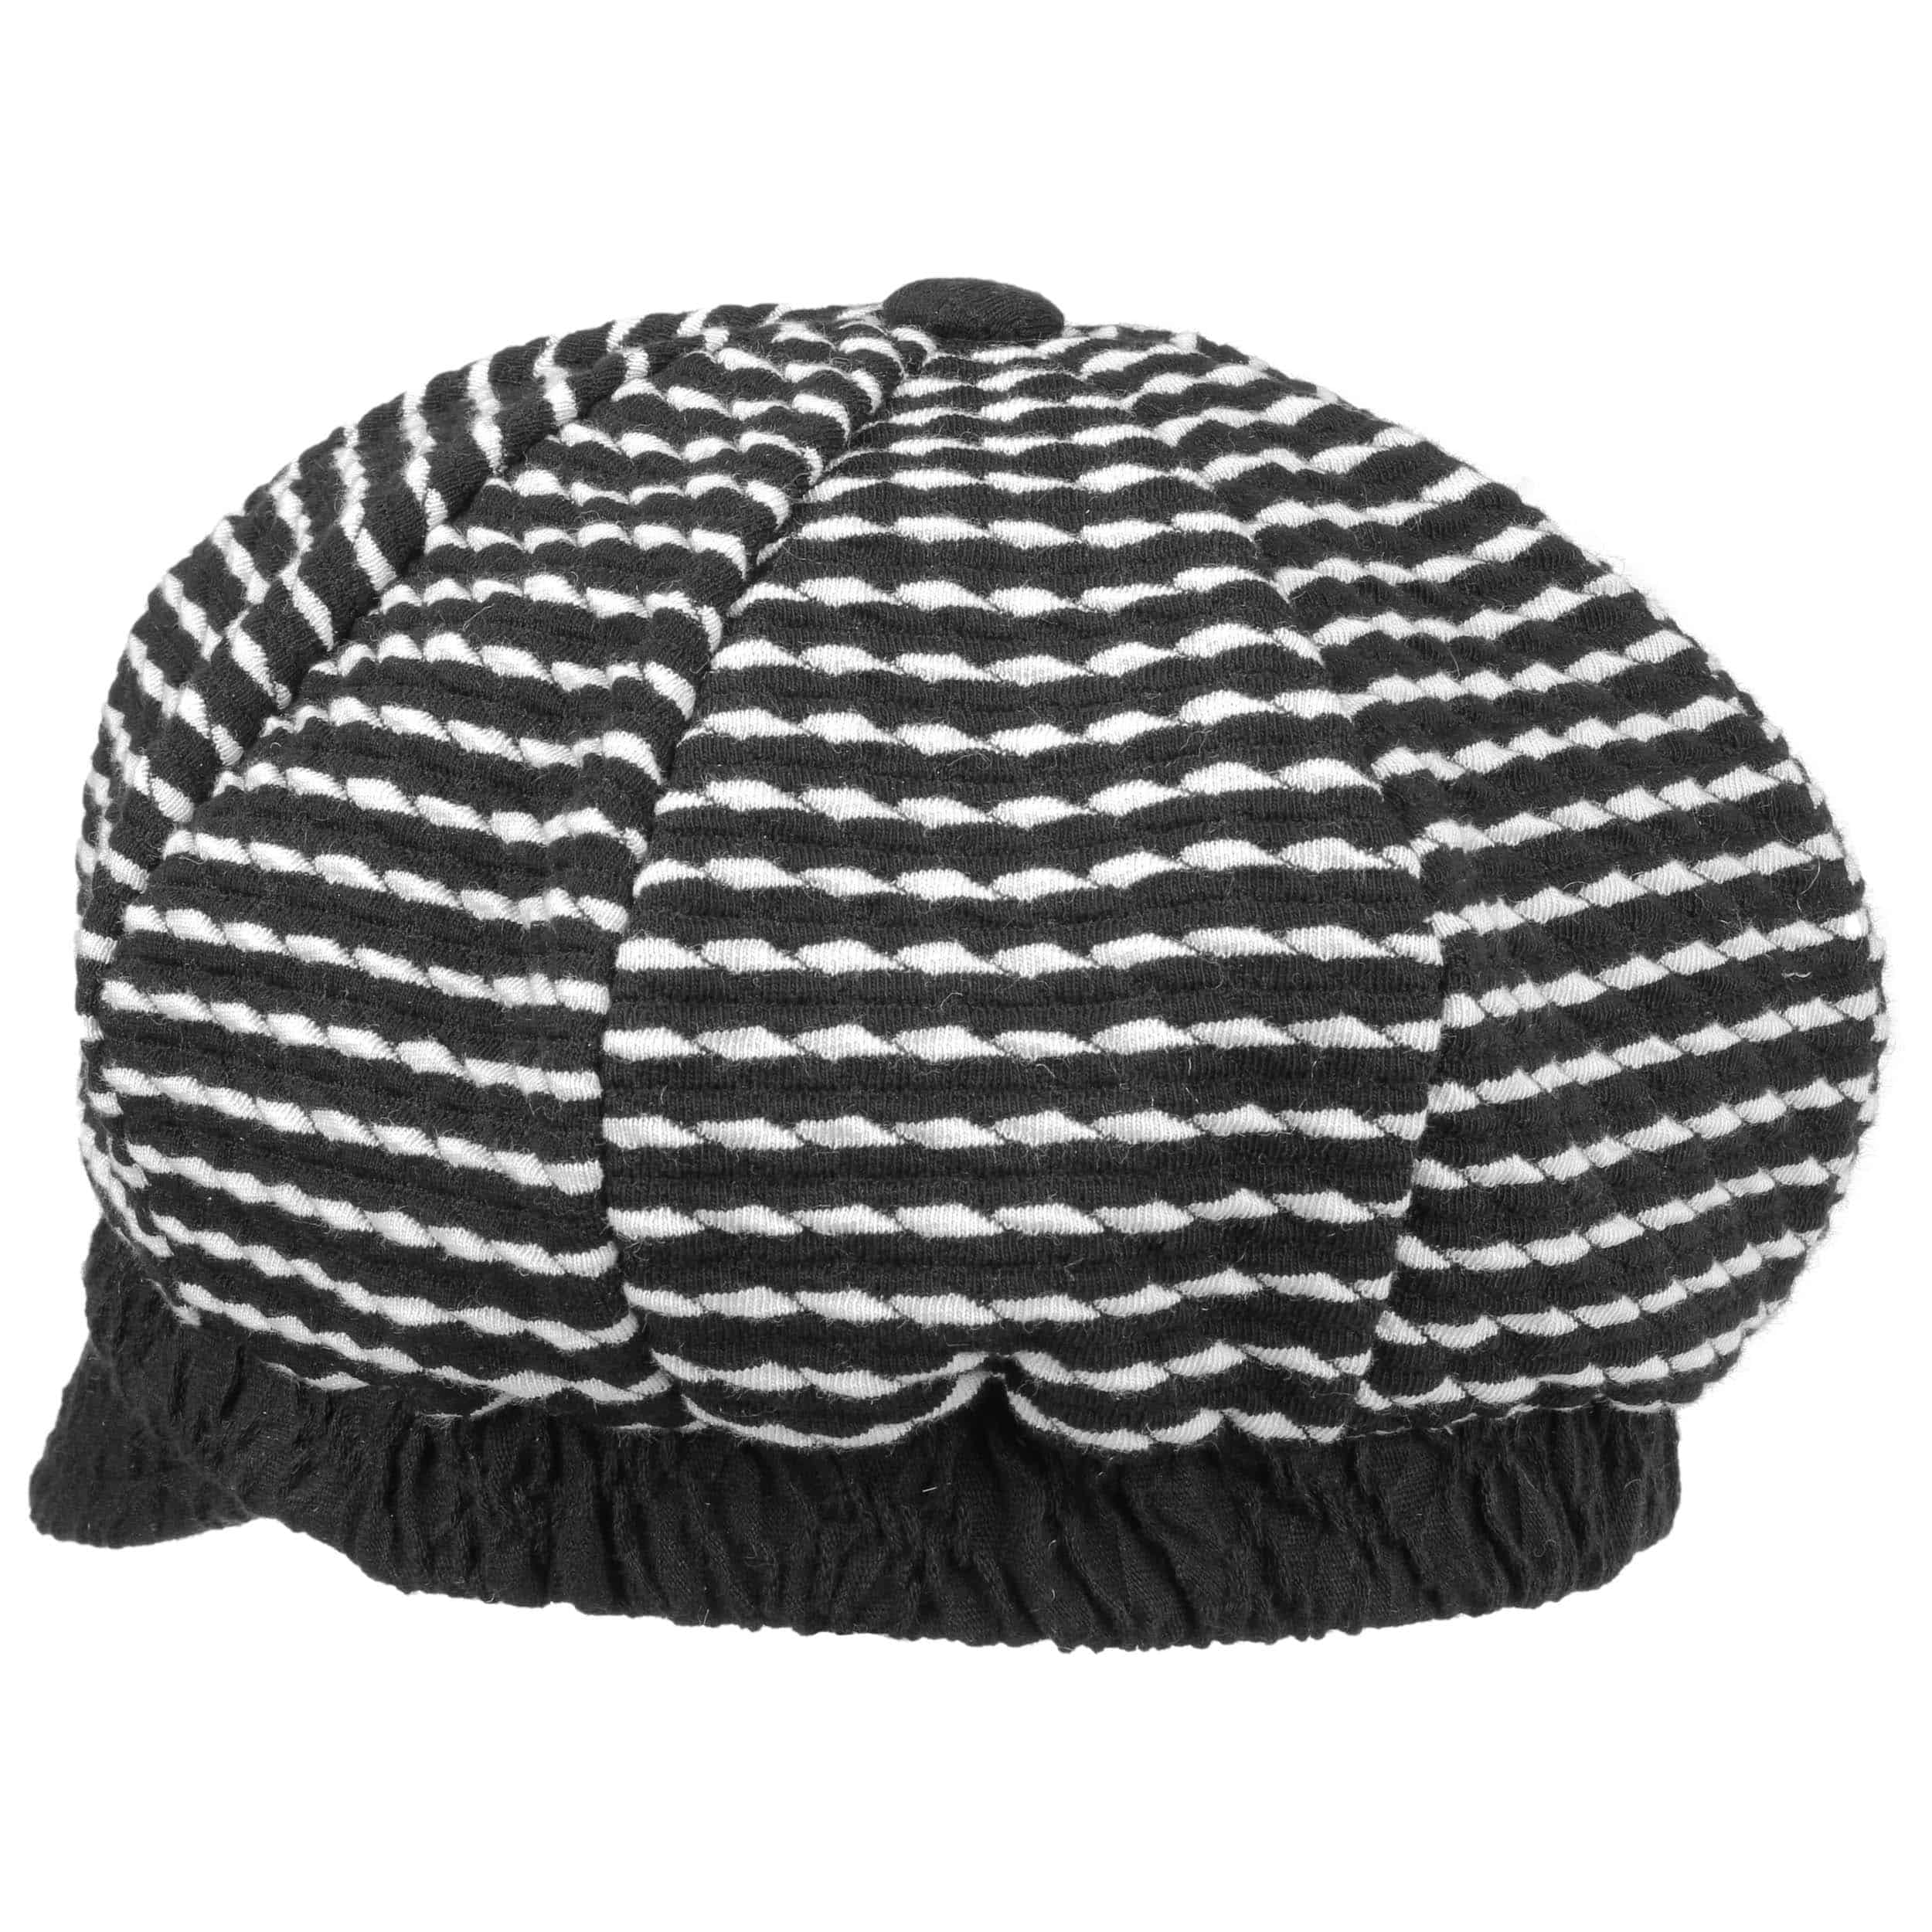 Schirm Herbst-Winter Made in Italy mit Schirm Lierys Monica Ballonm/ütze Baker-Boy-M/ütze Wollcap Damencap Schirmm/ütze Schildm/ütze Damen